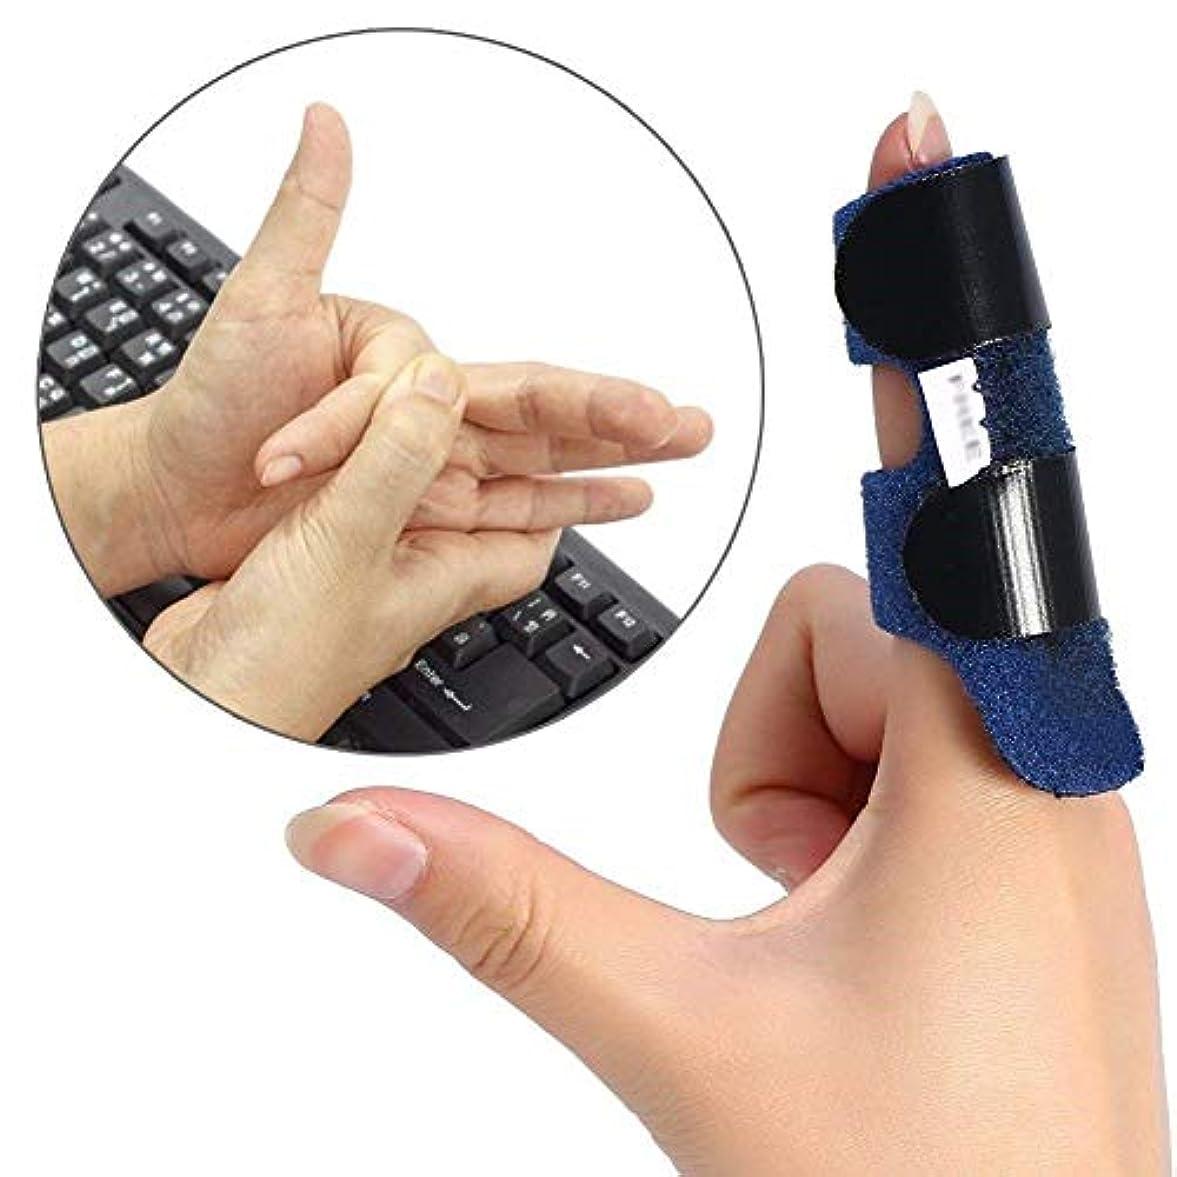 残忍な喪こしょうすべての指トリガーの指矯正ブレースに適した指の怪我のサポート-内蔵のアルミニウム調整可能ストラップ